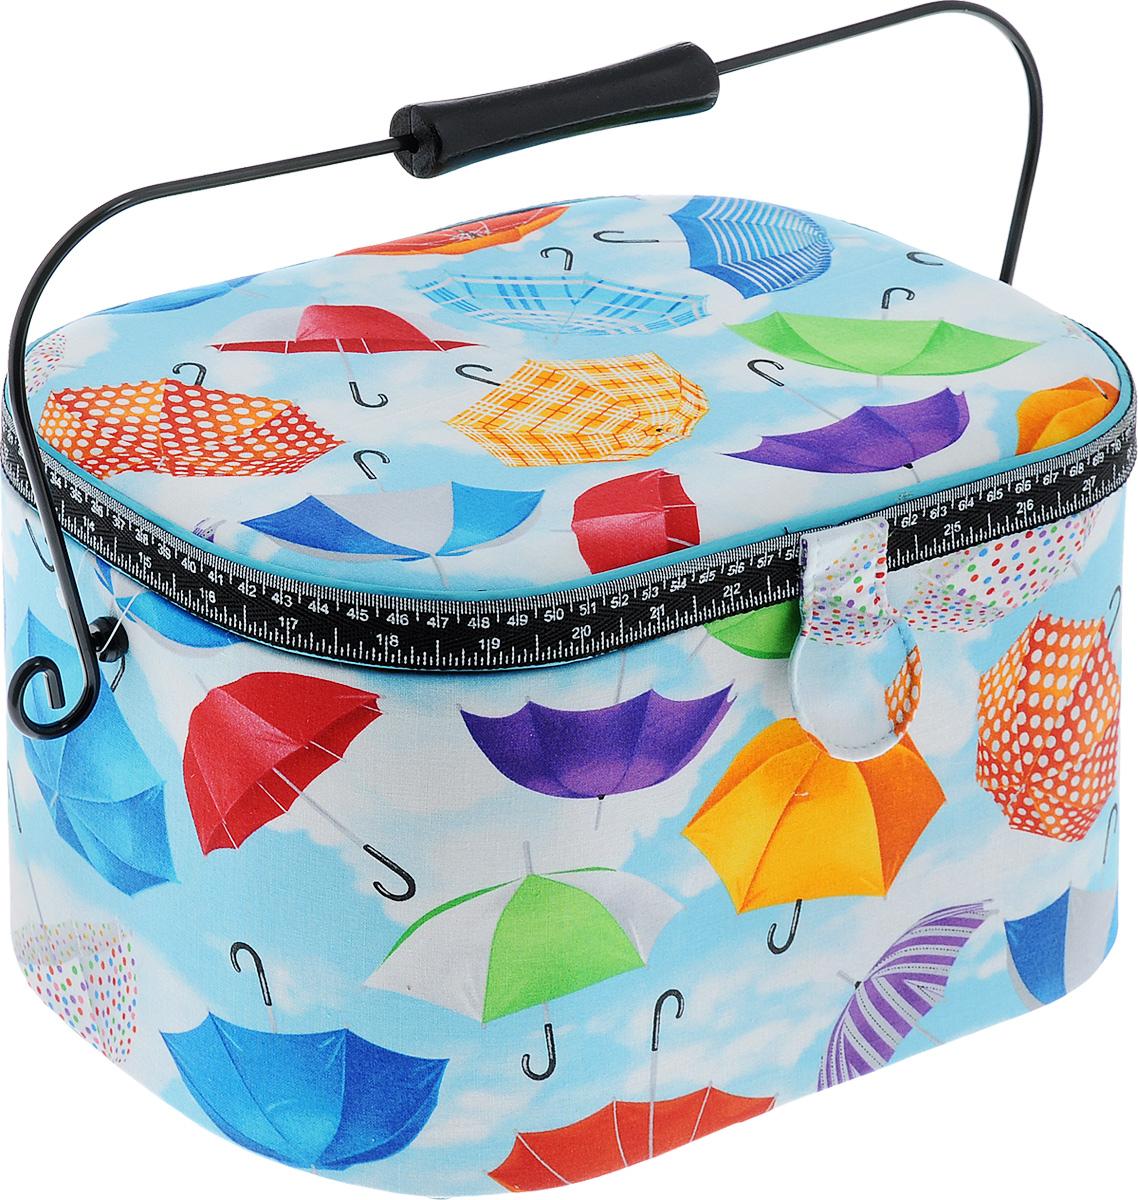 Шкатулка для рукоделия RTO Цветные зонтики, с вкладышем, 31 х 21 х 19 см